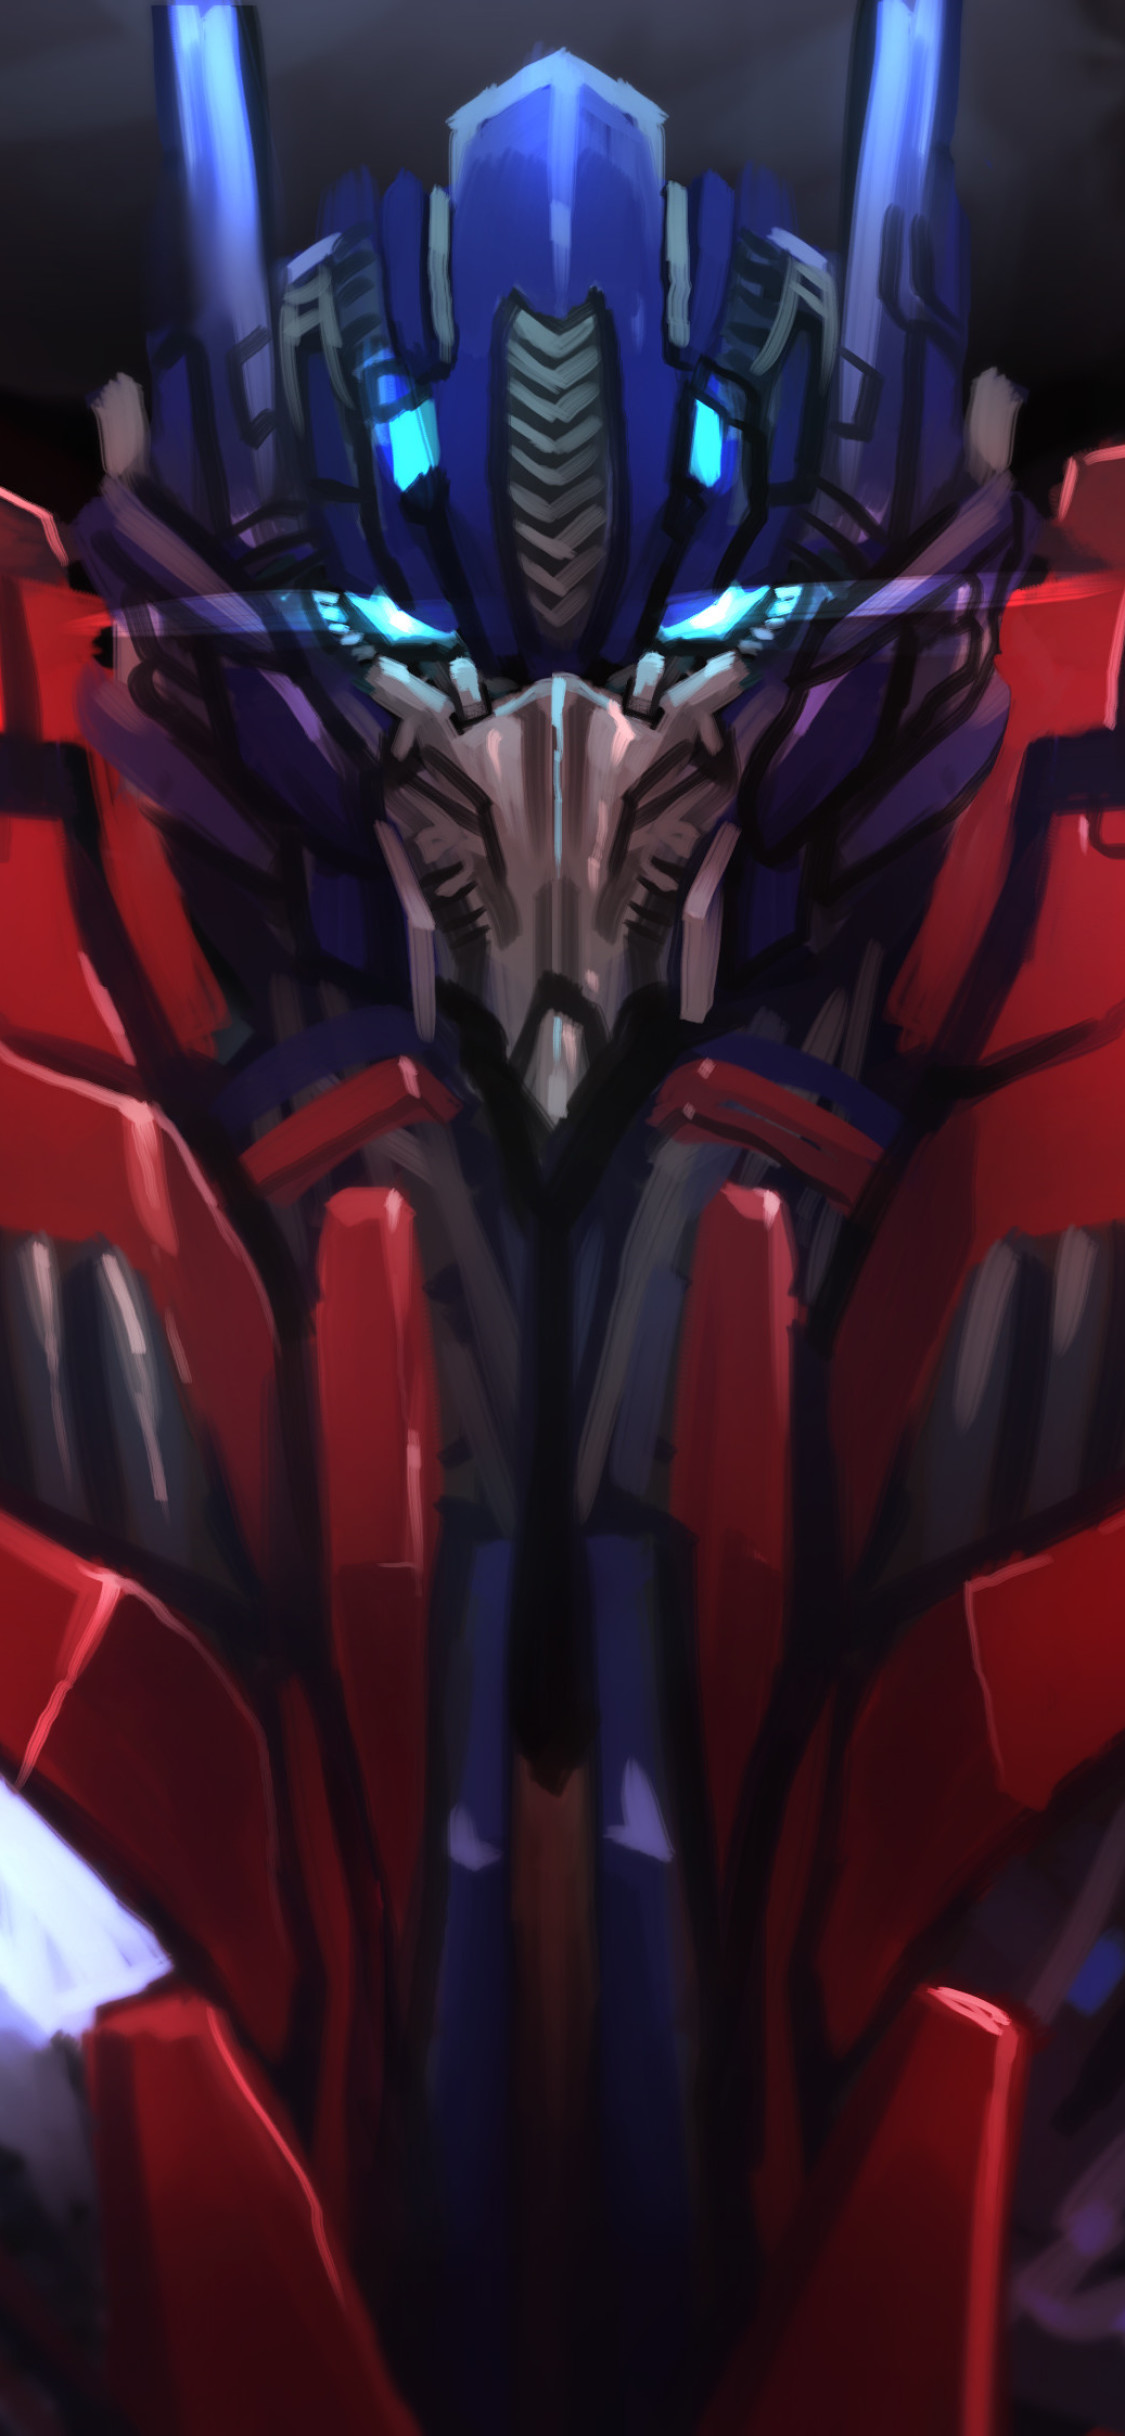 Optimus Prime Transformers Wallpaper 4k - HD Wallpaper